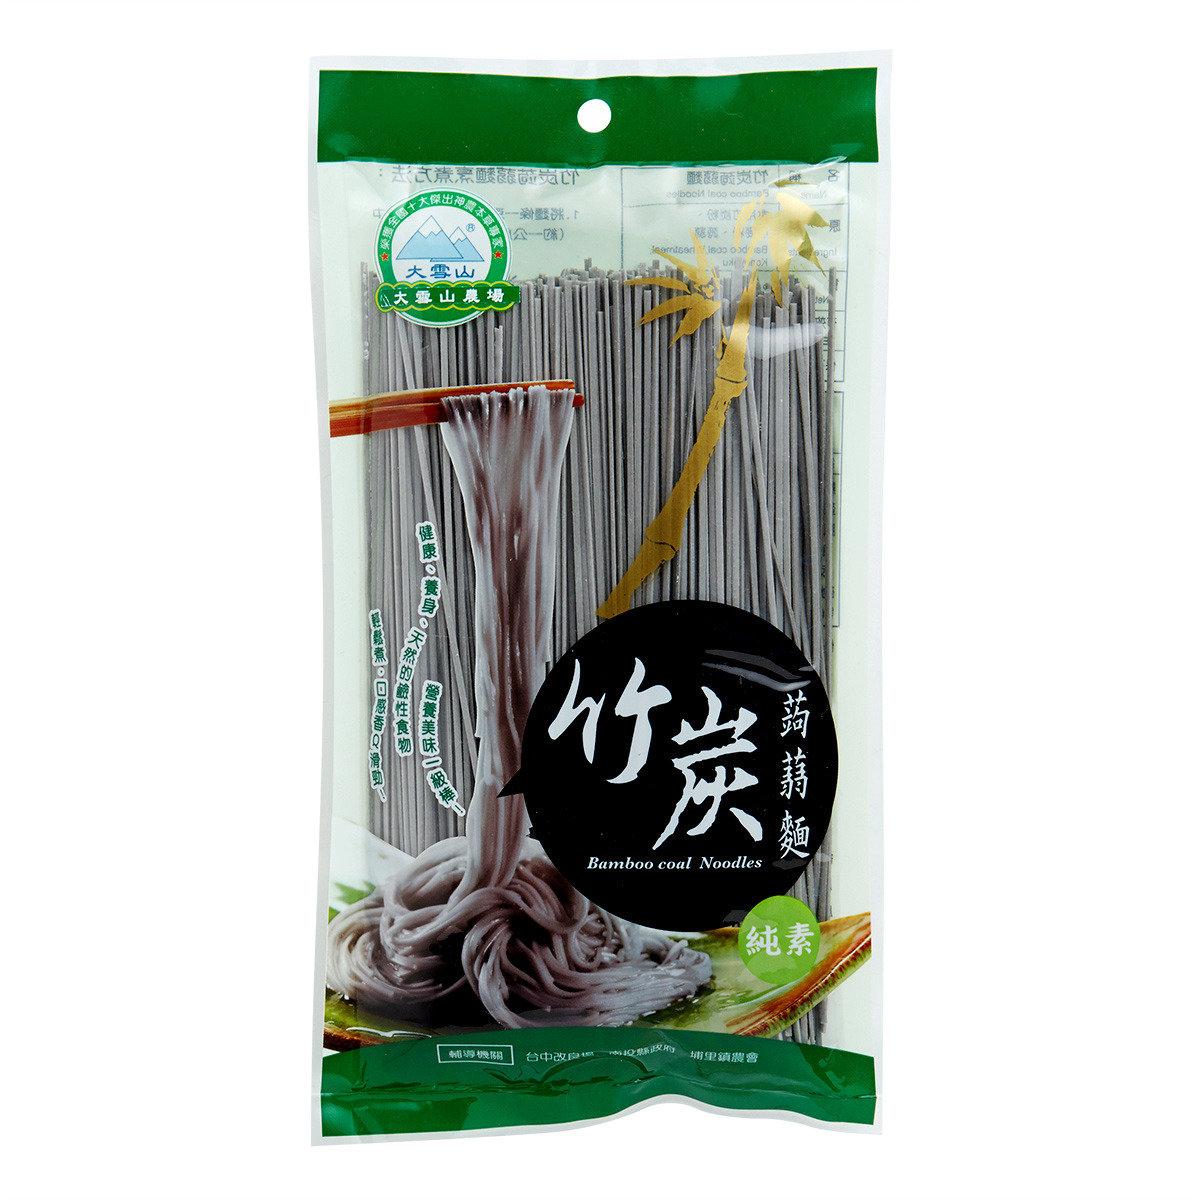 竹炭蒟蒻麵